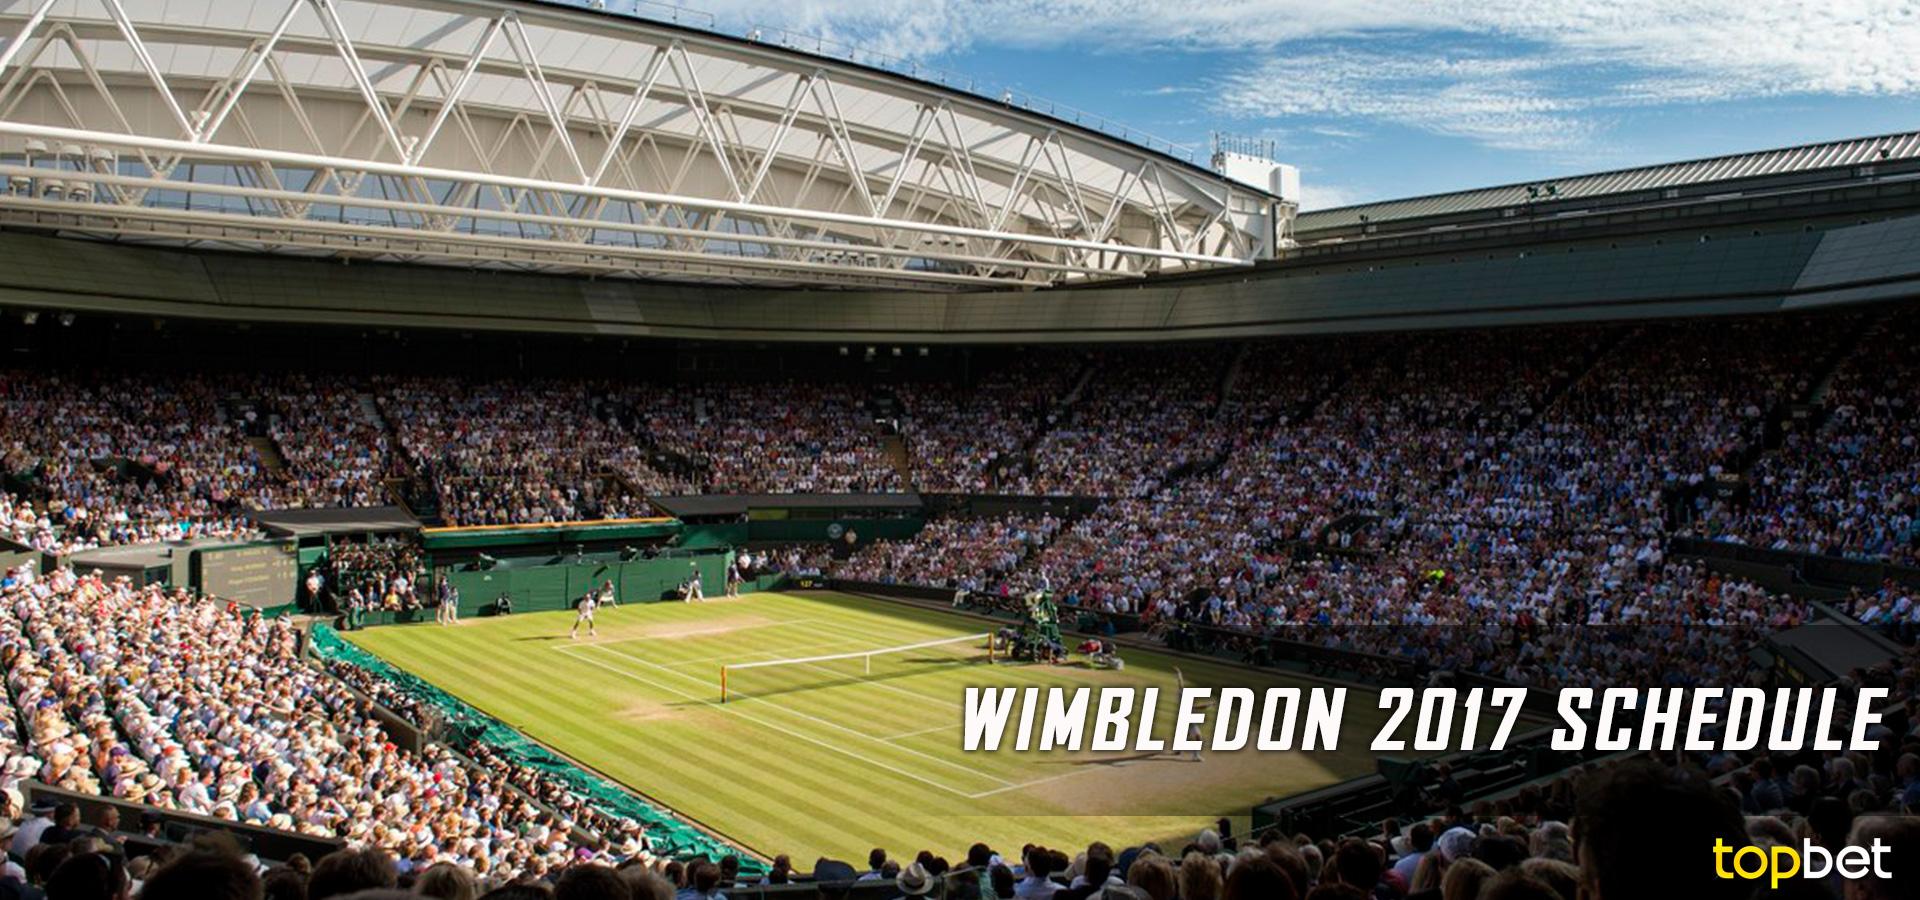 Wimbledon schedule